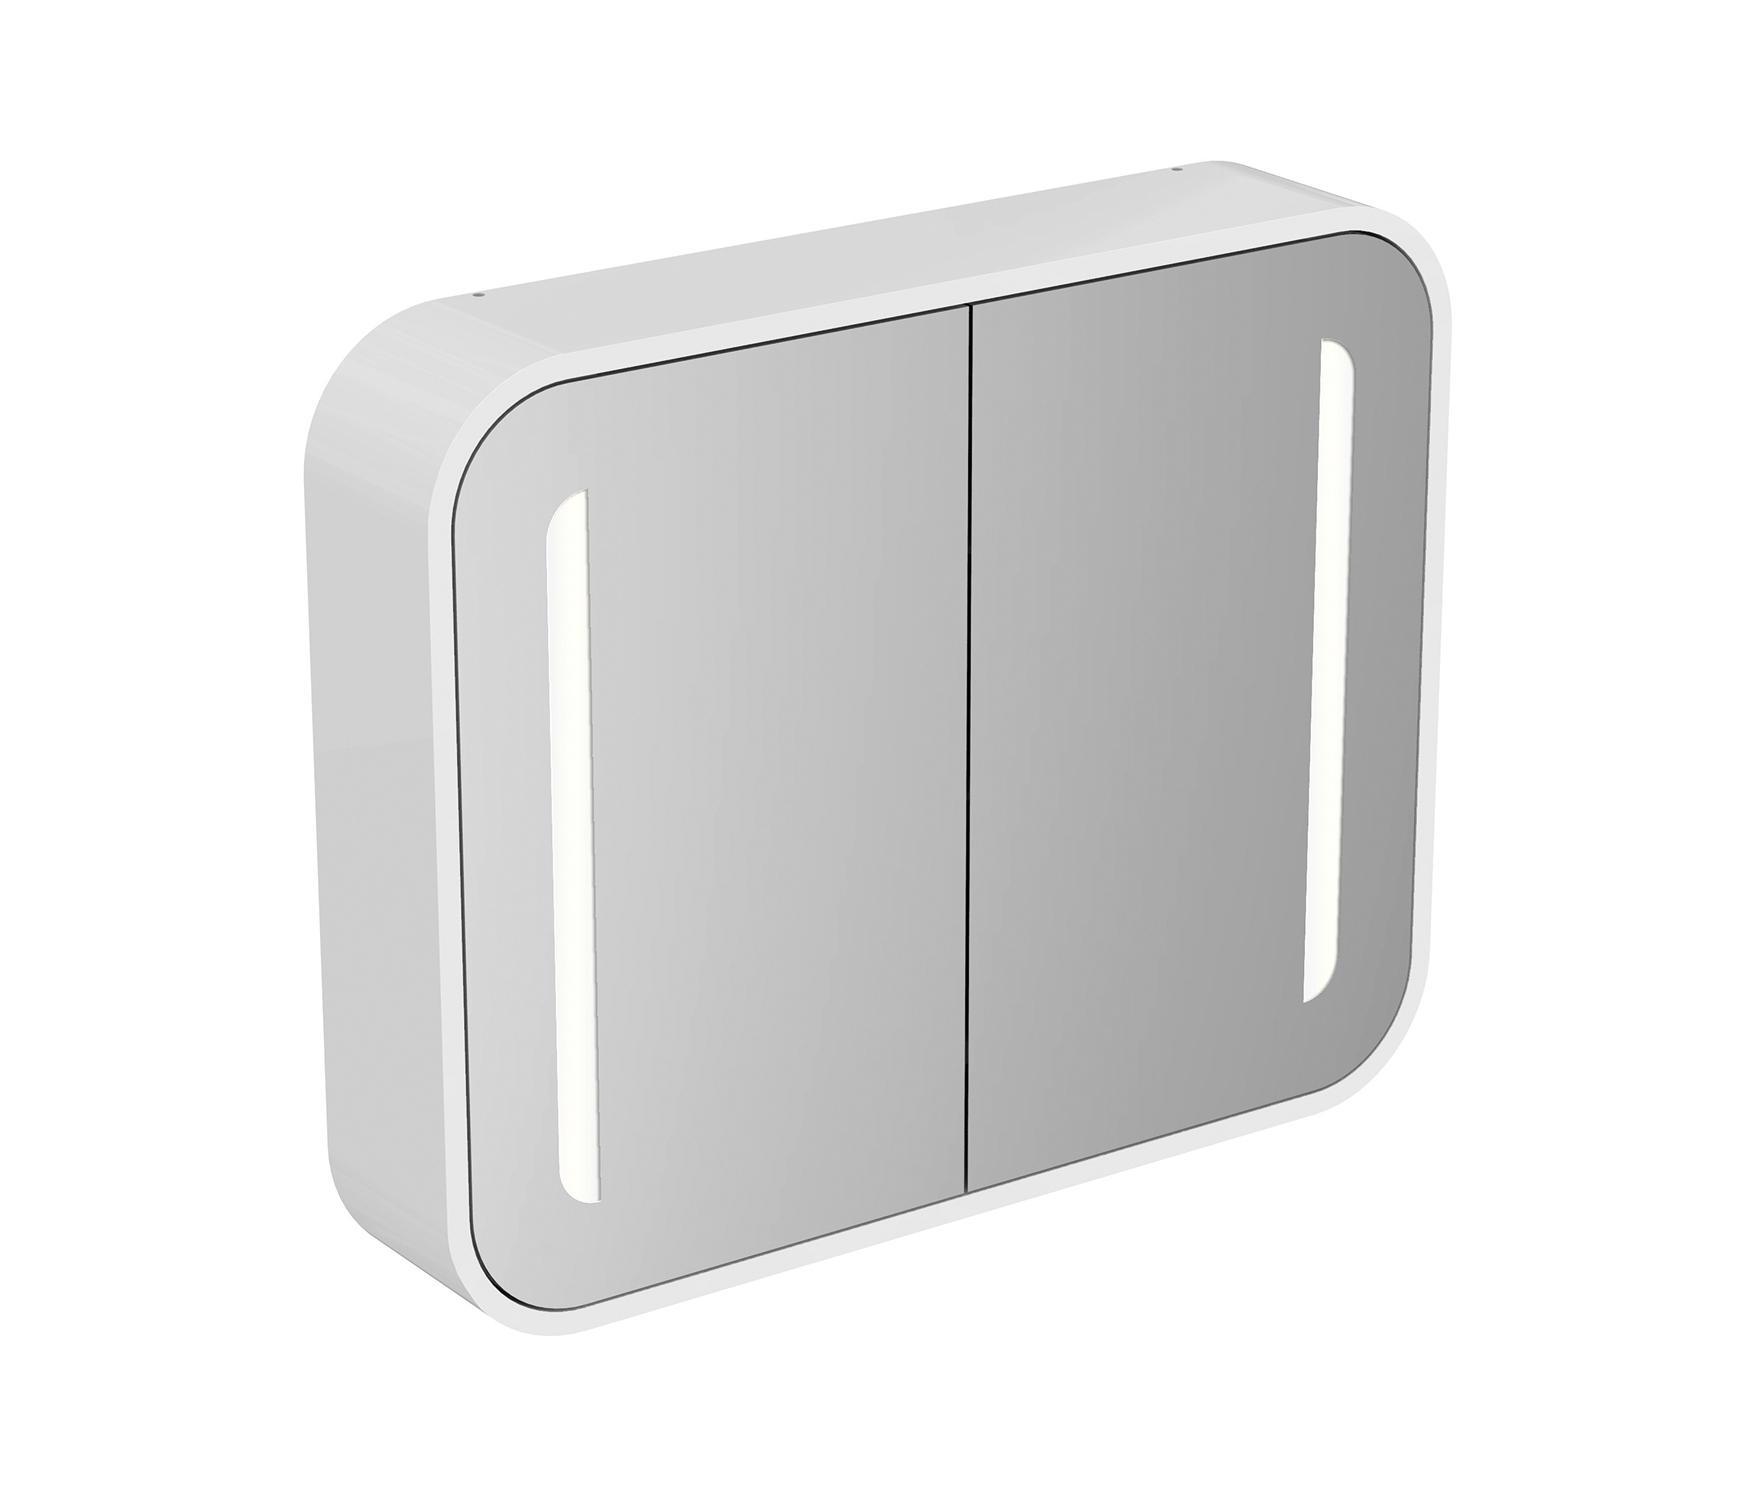 spiegelschrank mit licht spiegelschrank mit licht web. Black Bedroom Furniture Sets. Home Design Ideas